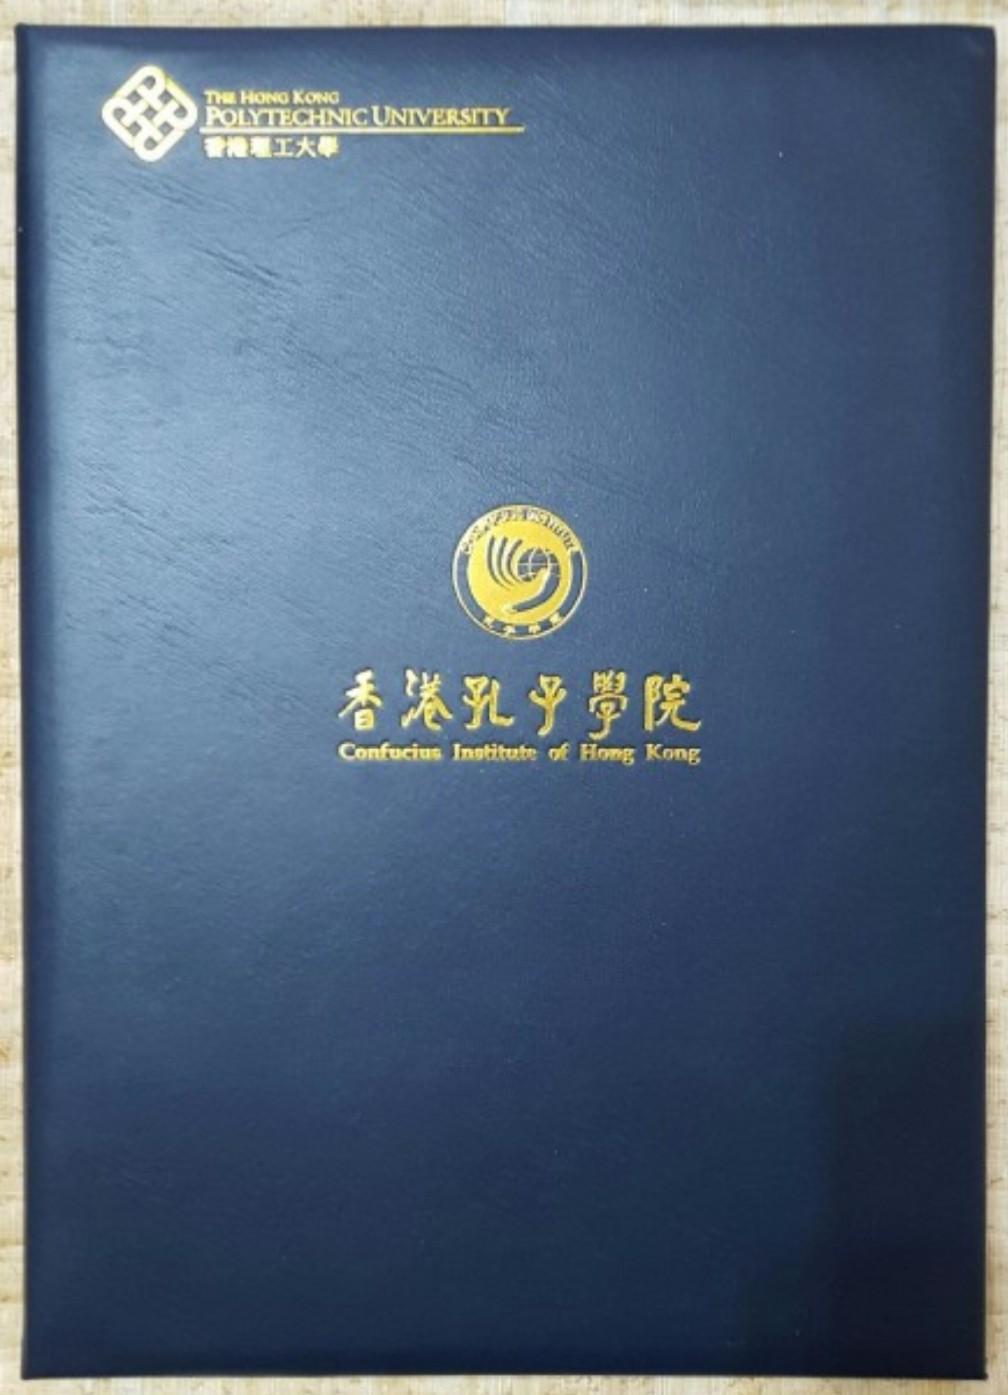 香港理工大學校長唐偉章教授頒發收藏証書_图1-2